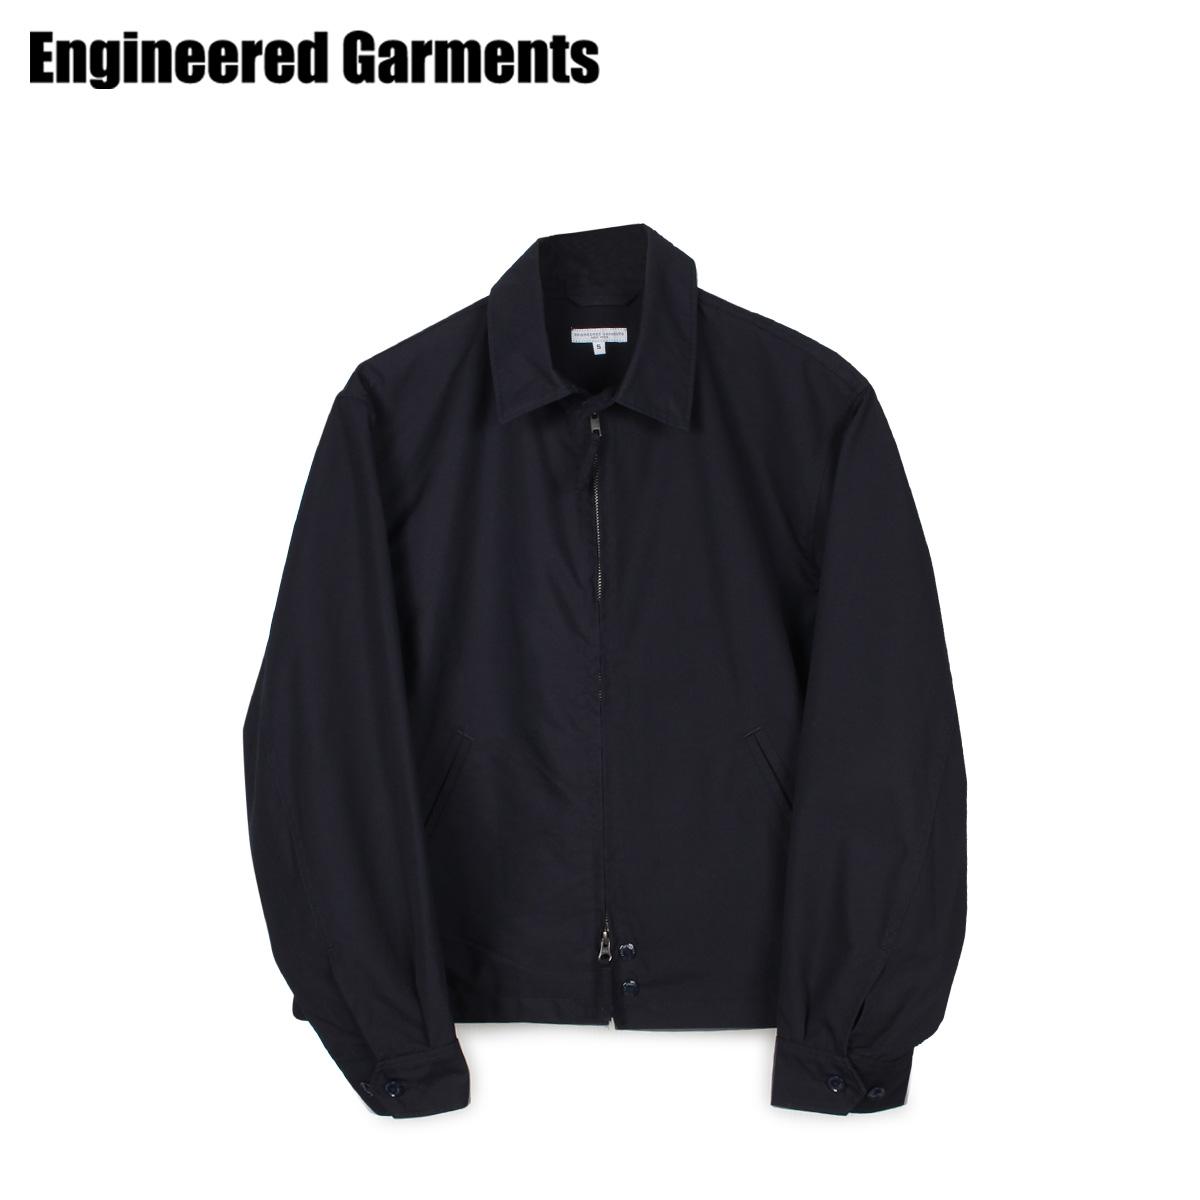 【最大2000円OFFクーポン】 エンジニアドガーメンツ ENGINEERED GARMENTS ジャケット メンズ CLAIGTON JACKET ネイビー 20S1D026 [4/22 新入荷]